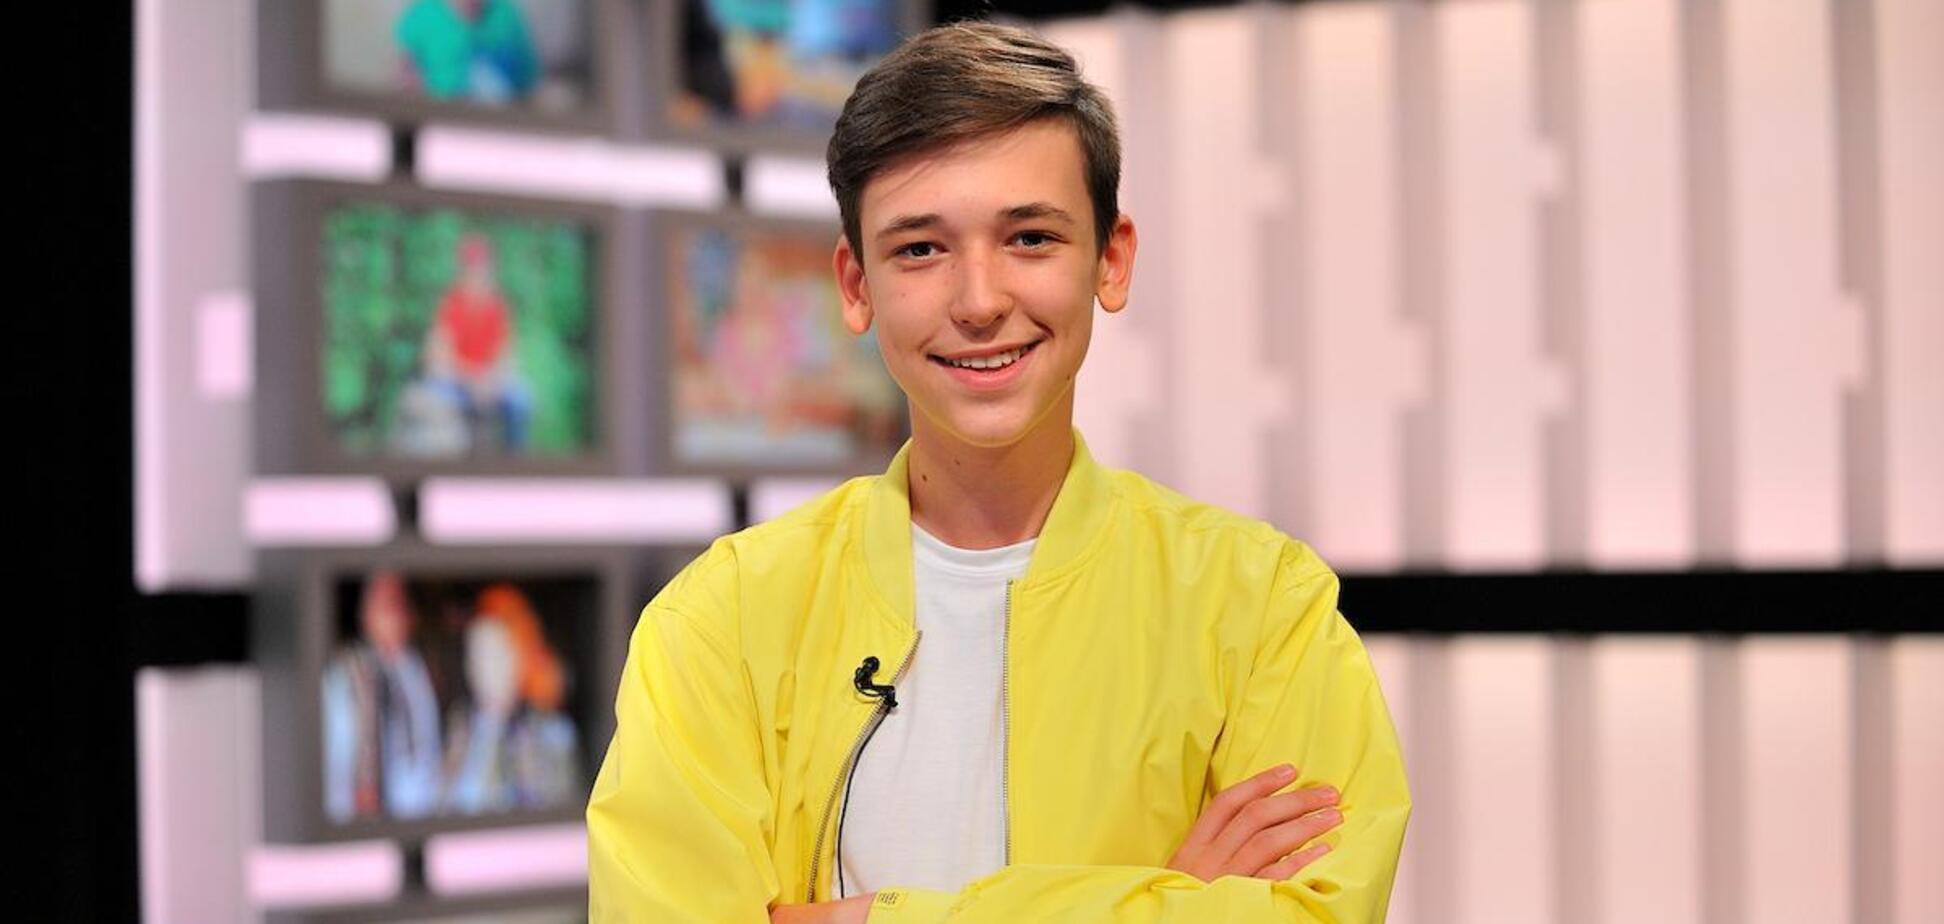 Олександр Балабанов презентував кліп на пісню 'Відкривай'